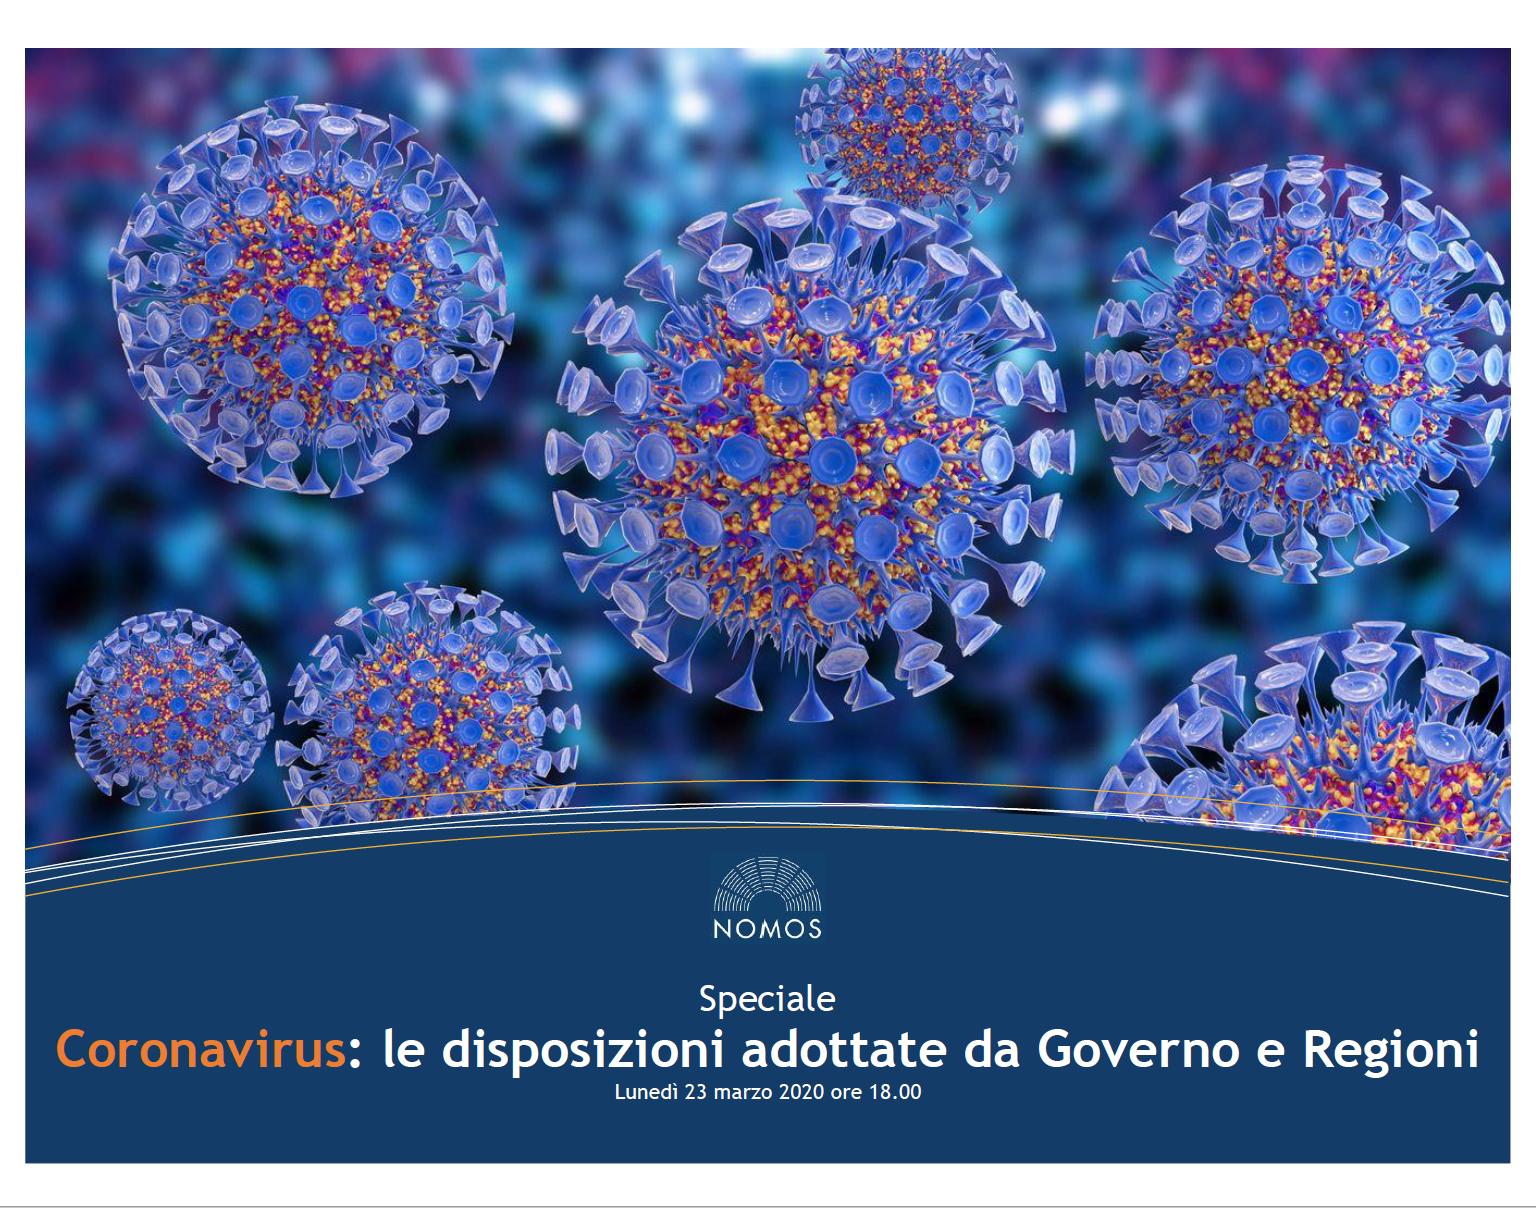 Covid-19. Disposizioni Governo e Regioni